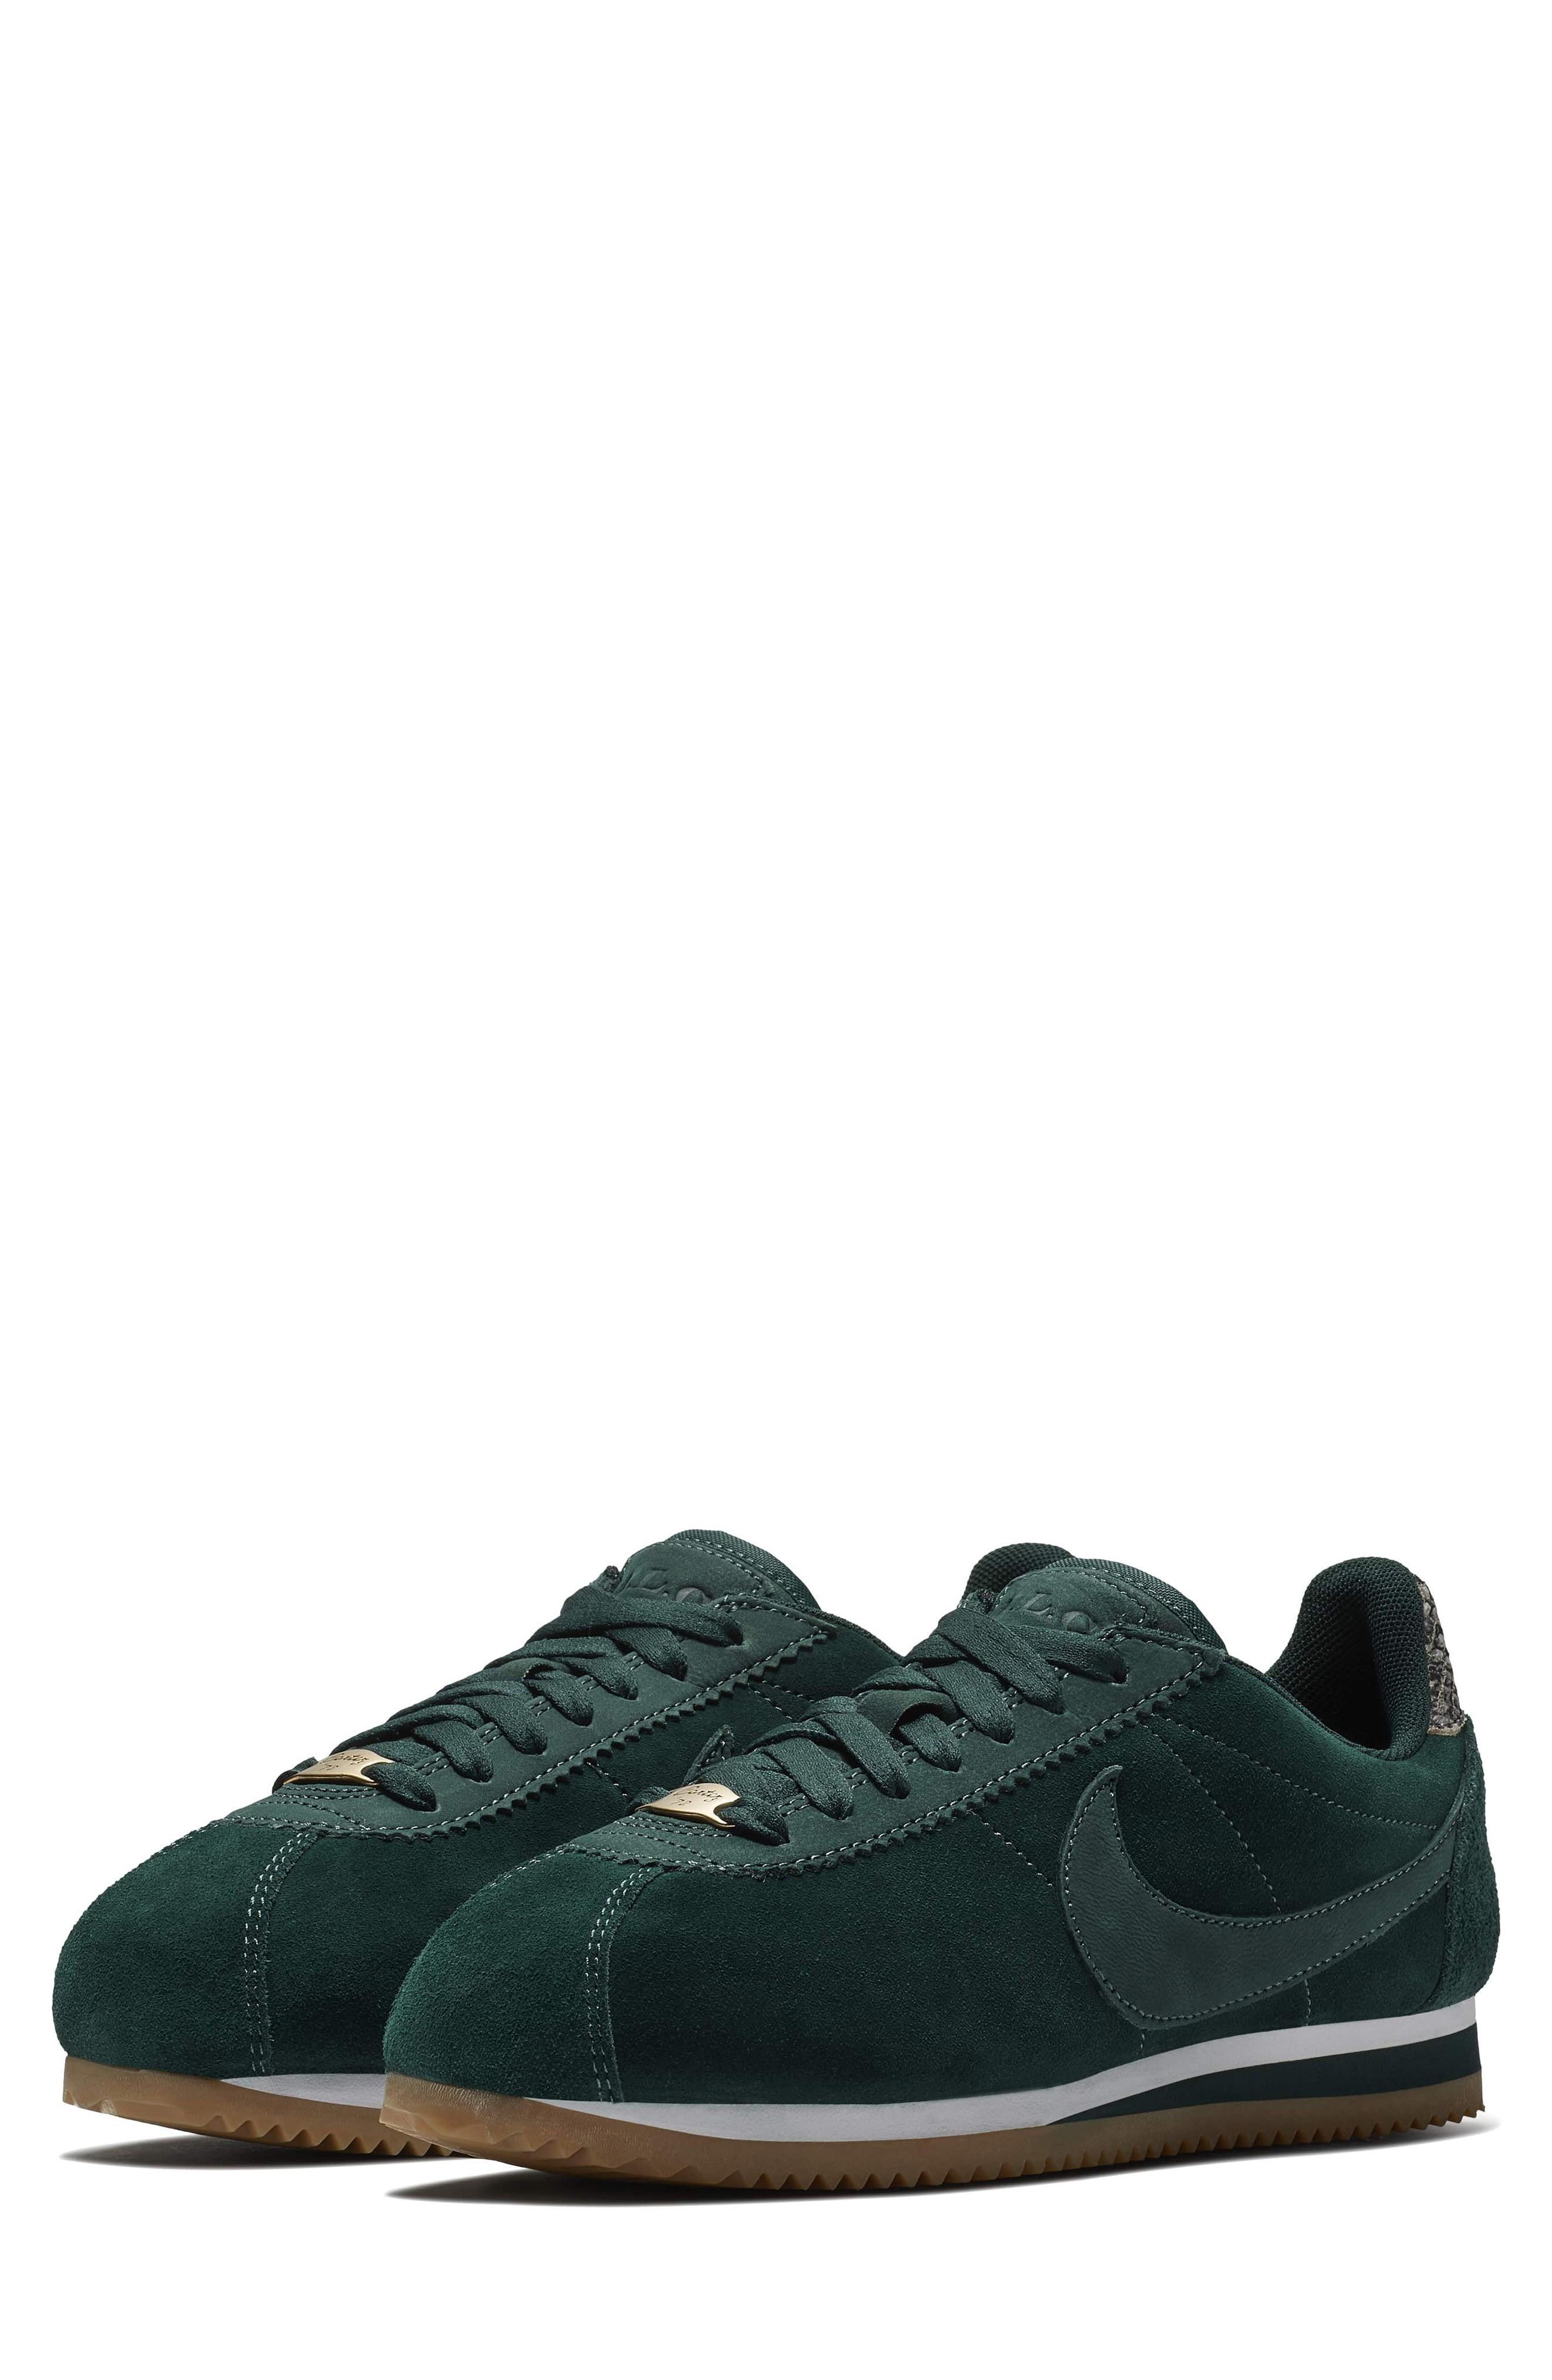 watch a66ea e446c Nike A.L.C. Classic Cortez Suede Sneakers In Dark Green